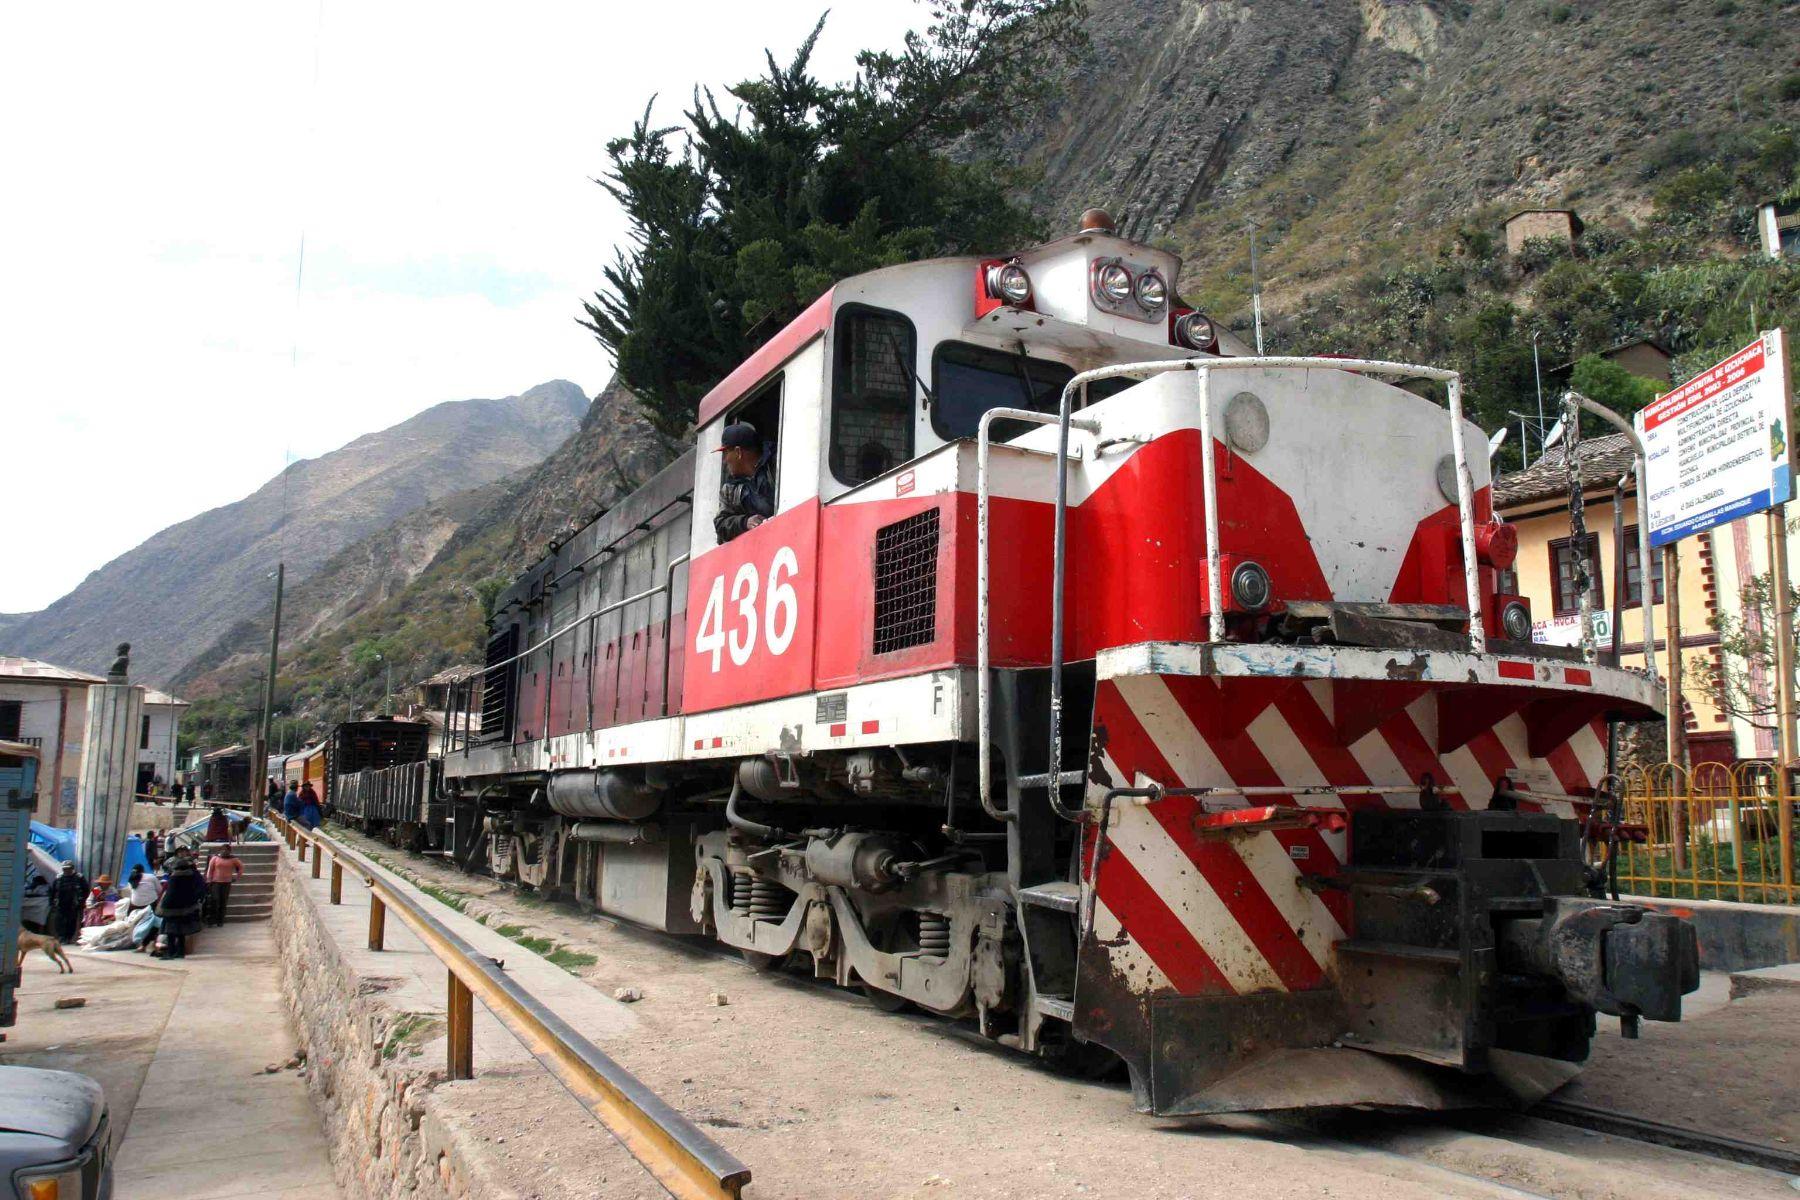 """El Ministerio de Transportes y Comunicaciones (MTC) informó que la rehabilitación integral del ferrocarril Huancayo-Huancavelica, conocido como """"Tren Macho"""", garantizará el tránsito de personas y cargas a través de un servicio ferroviario seguro en la zona de influencia, beneficiando a más de tres millones de personas.Foto:  ANDINA/archivo."""